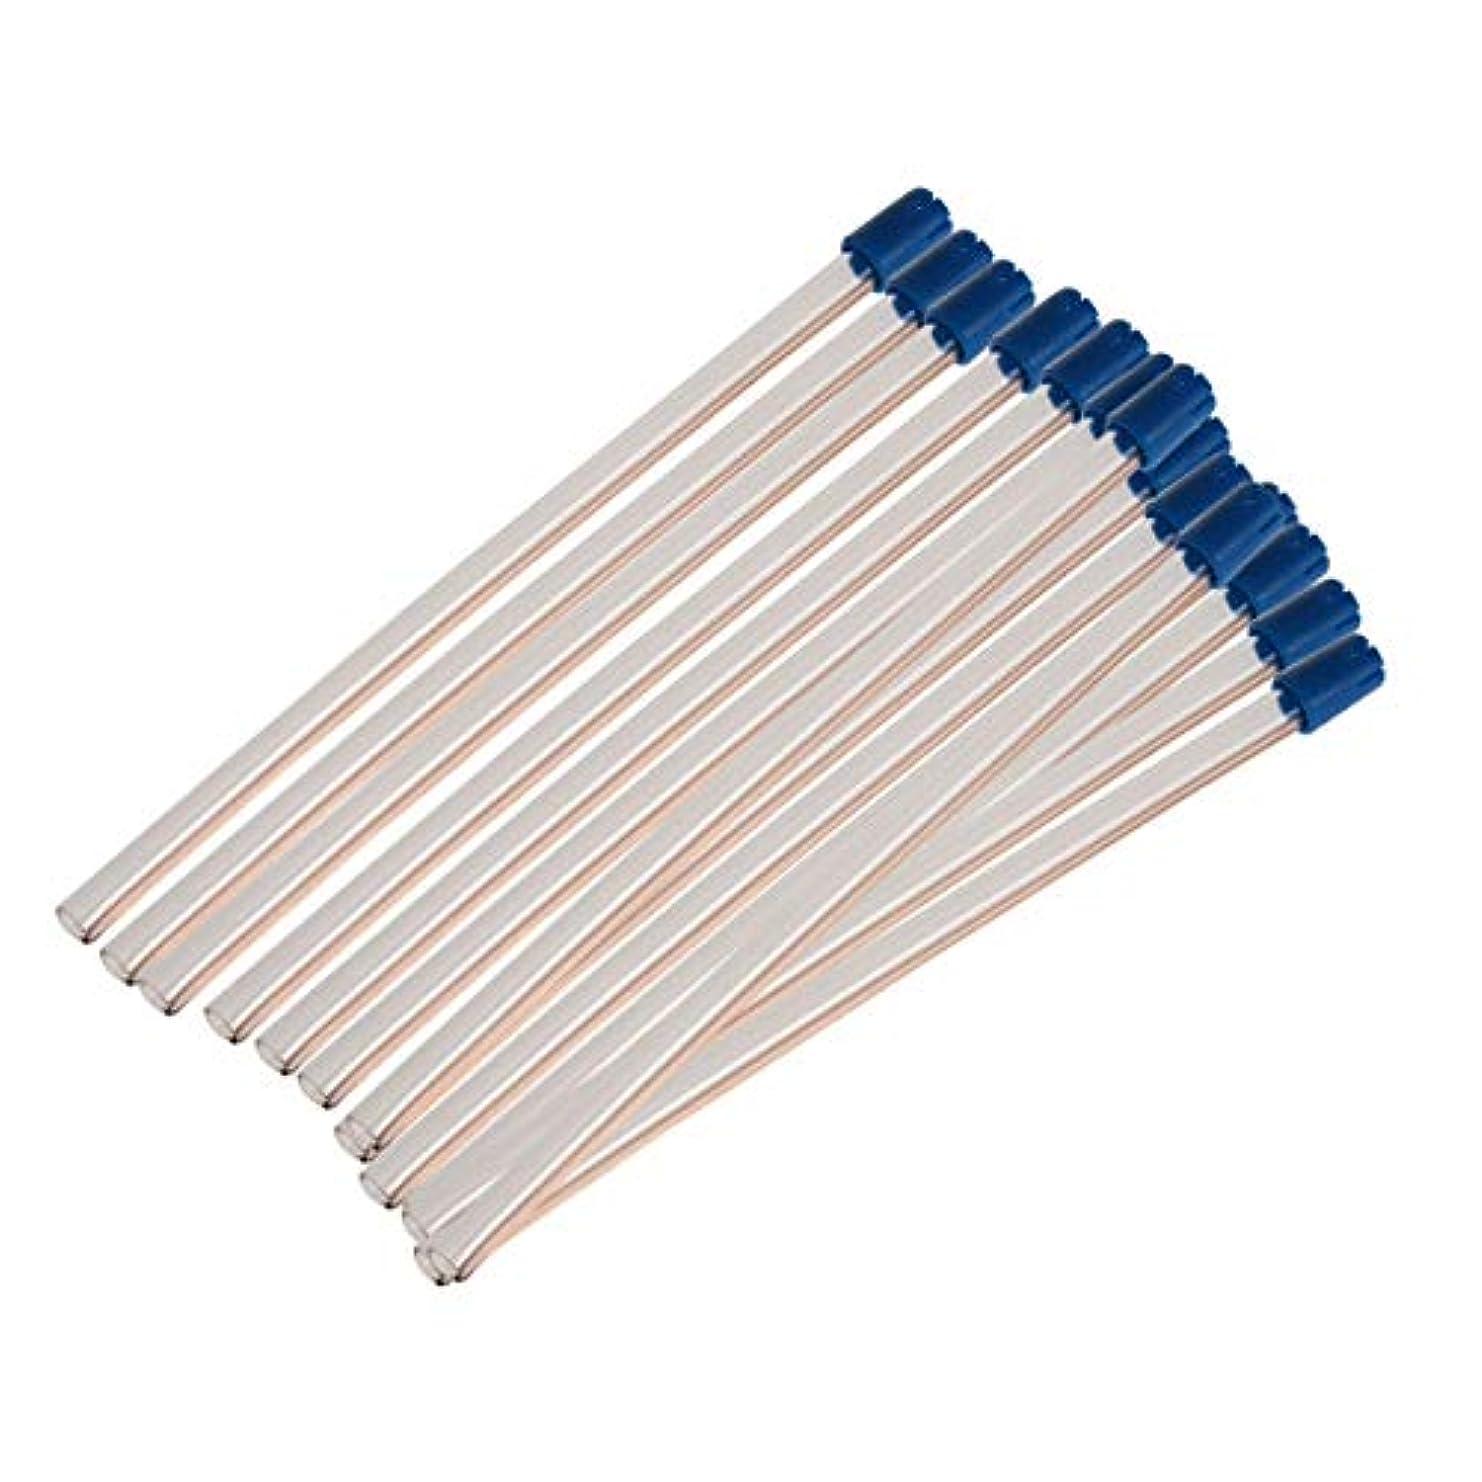 遅れ不透明なスカイArtibetter 100個使い捨て歯科手術用チューブ歯科唾液エジェクタ歯科材料